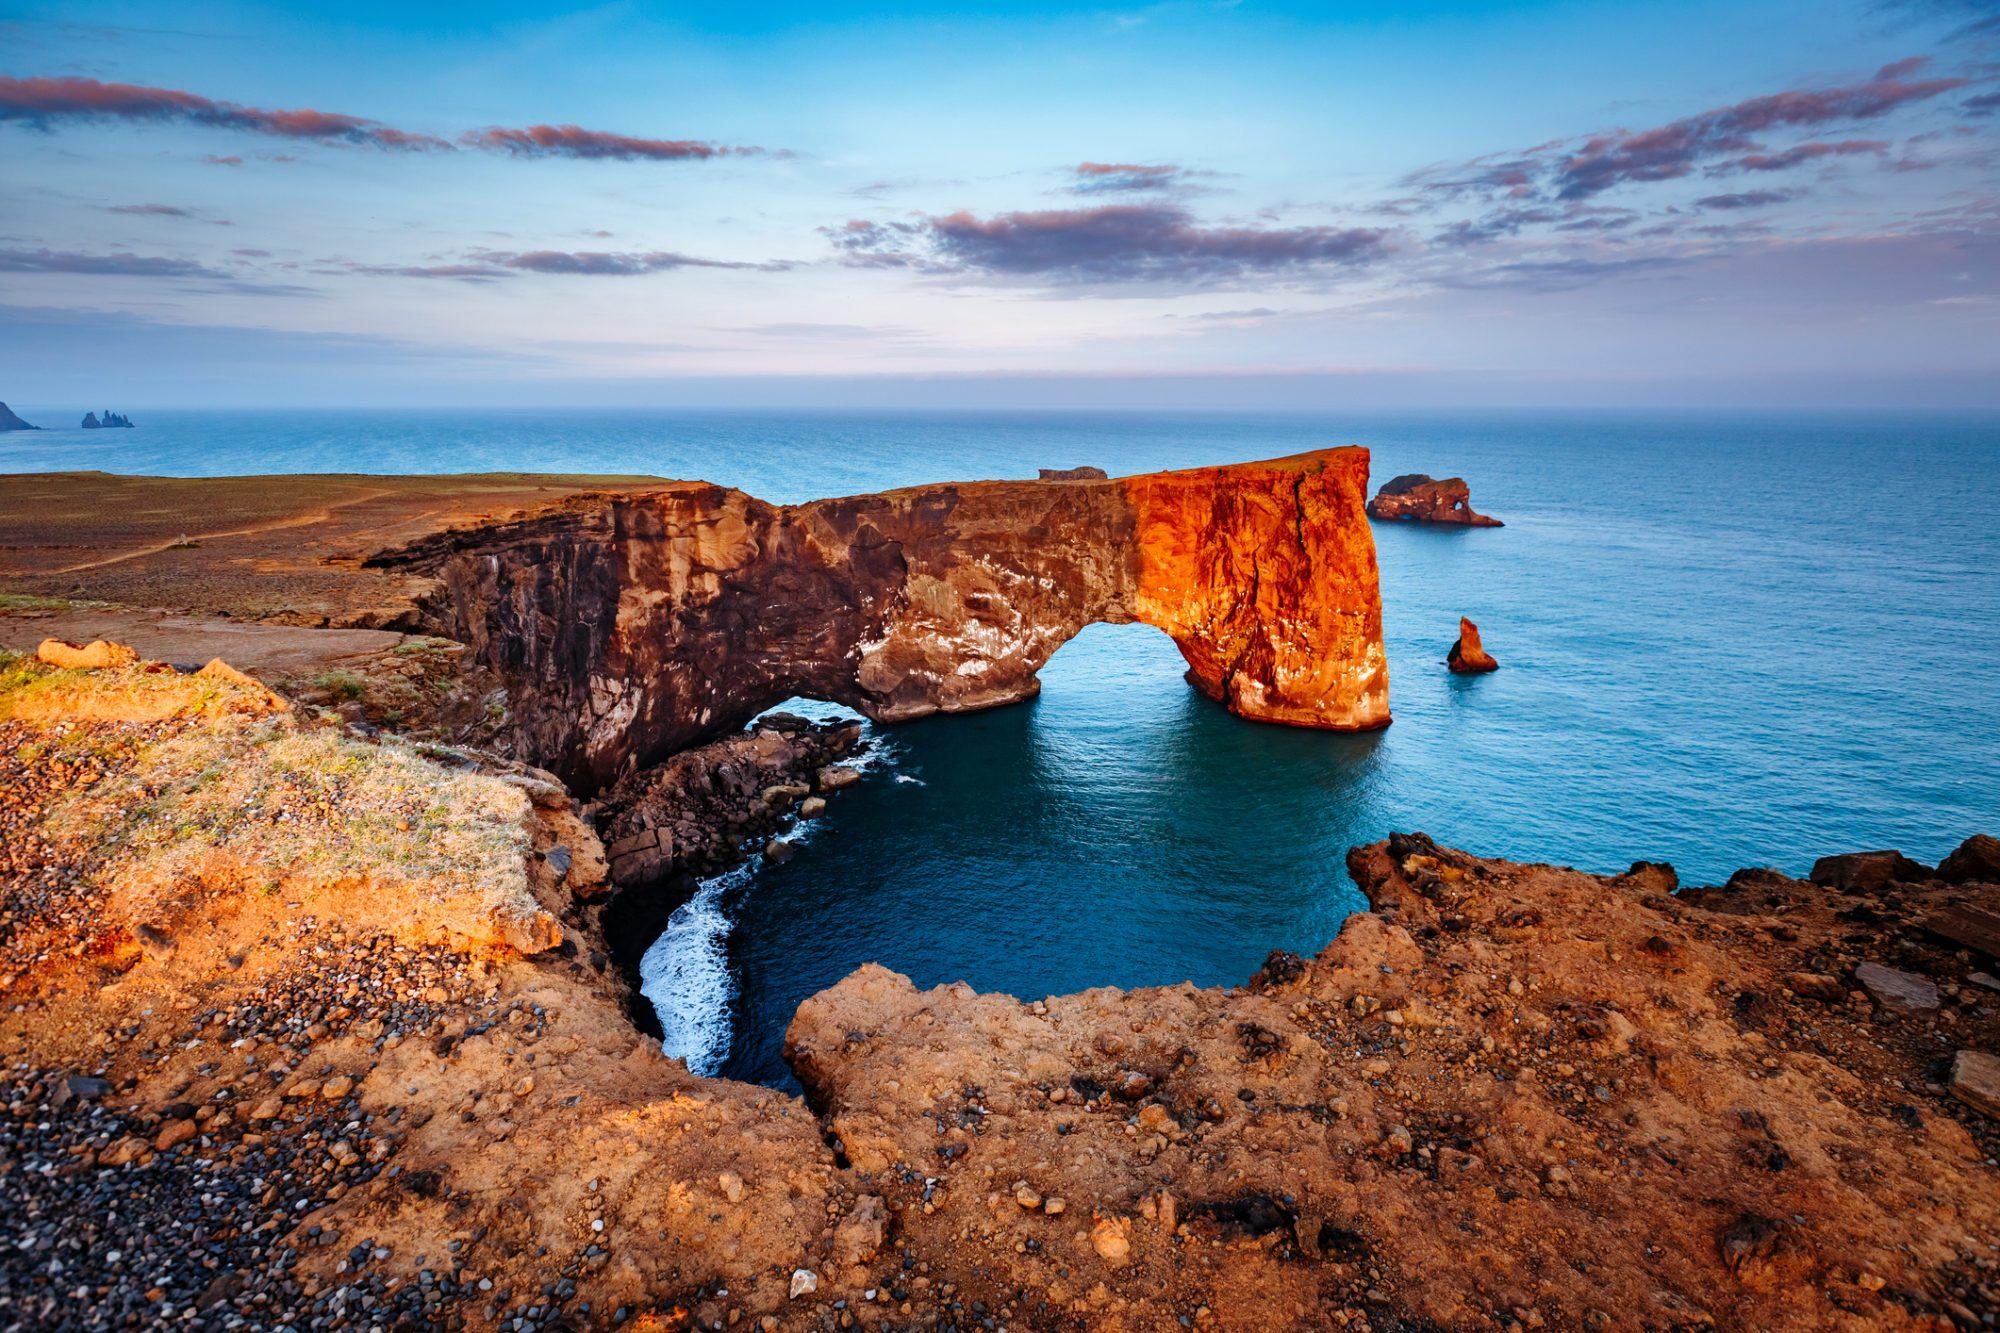 Location Sudurland, cape Dyrholaey, coast of Iceland, Europe. Beauty world.